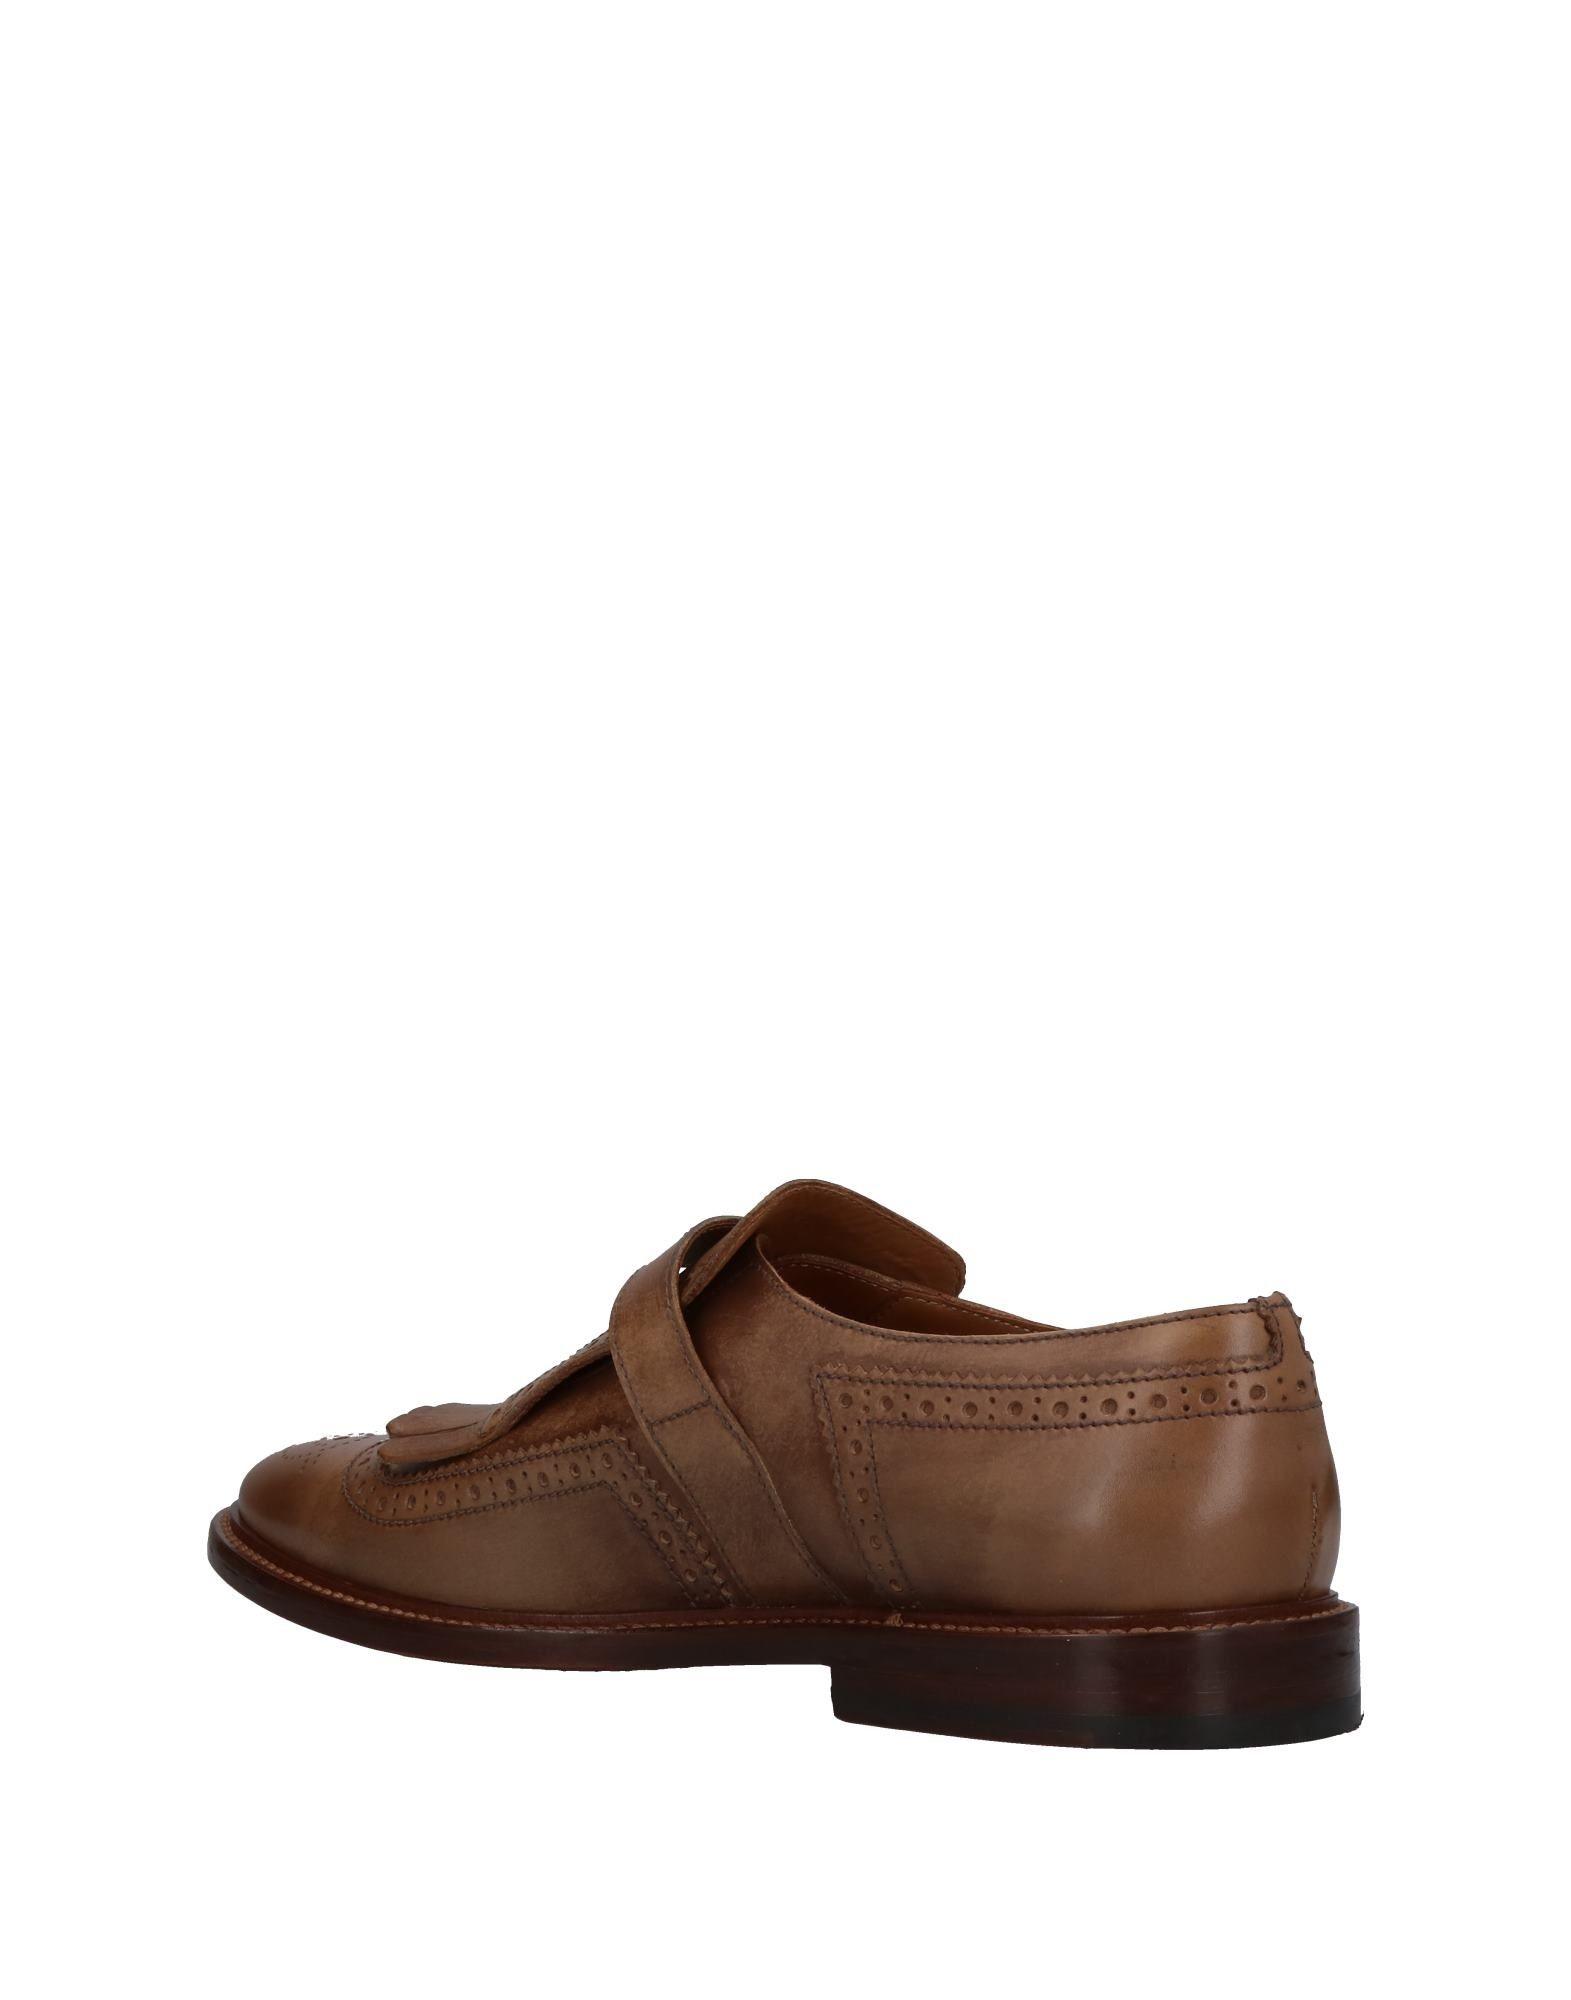 Doucal's Mokassins Mokassins Mokassins Herren  11407836LI Heiße Schuhe adbe28